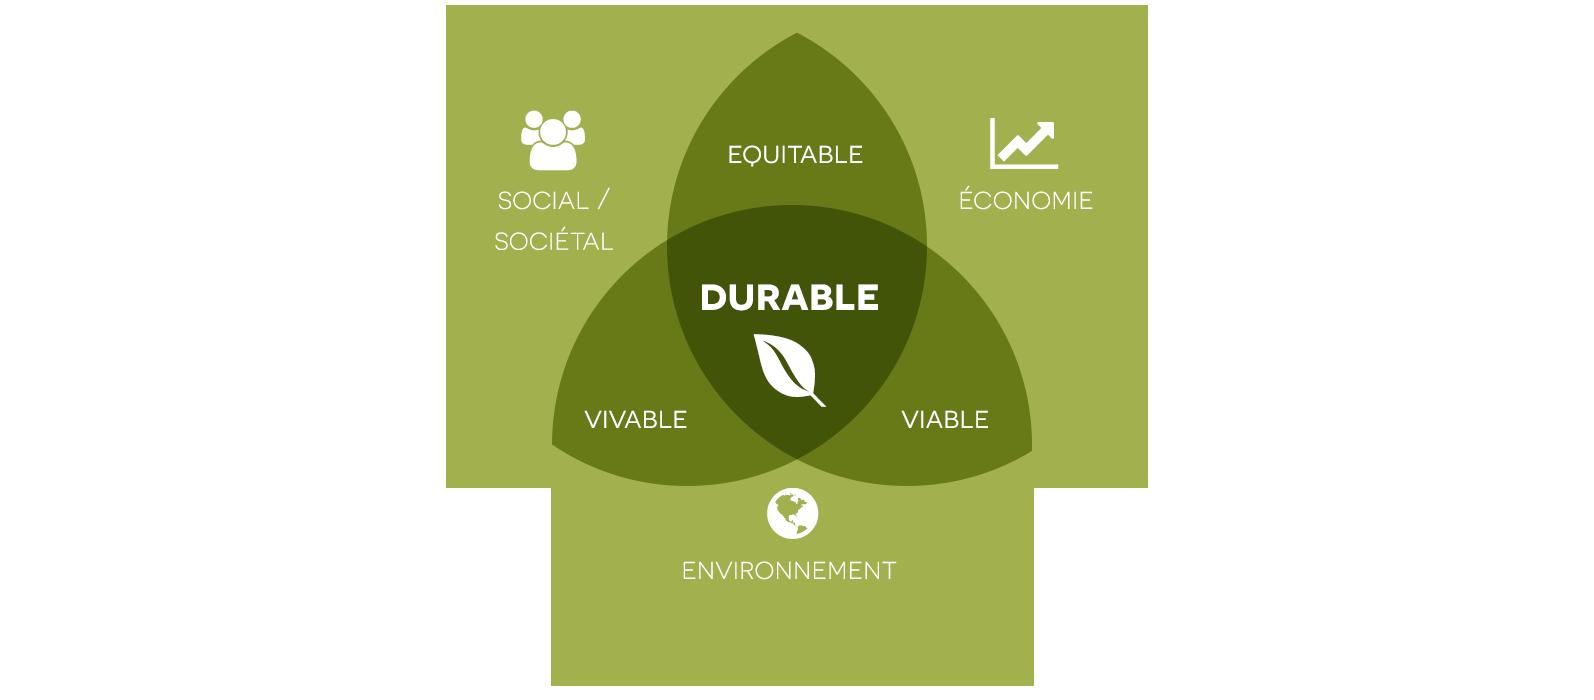 philosophie-developpement-durable